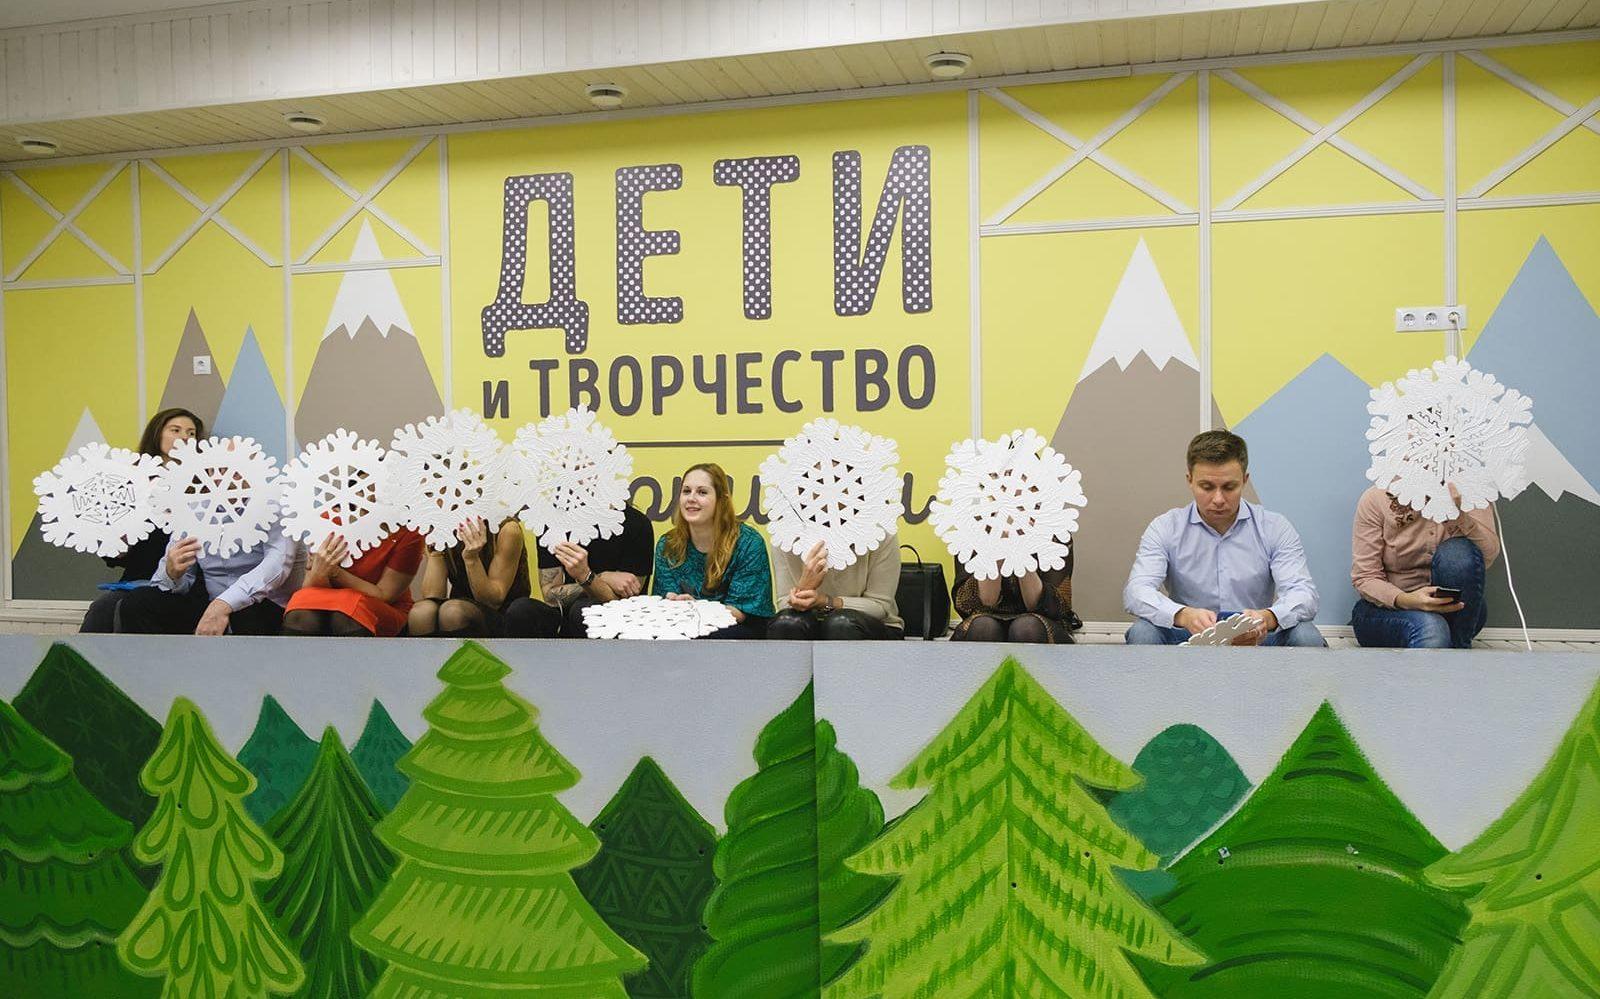 Съемка детского утренника в Санкт-Петербурге